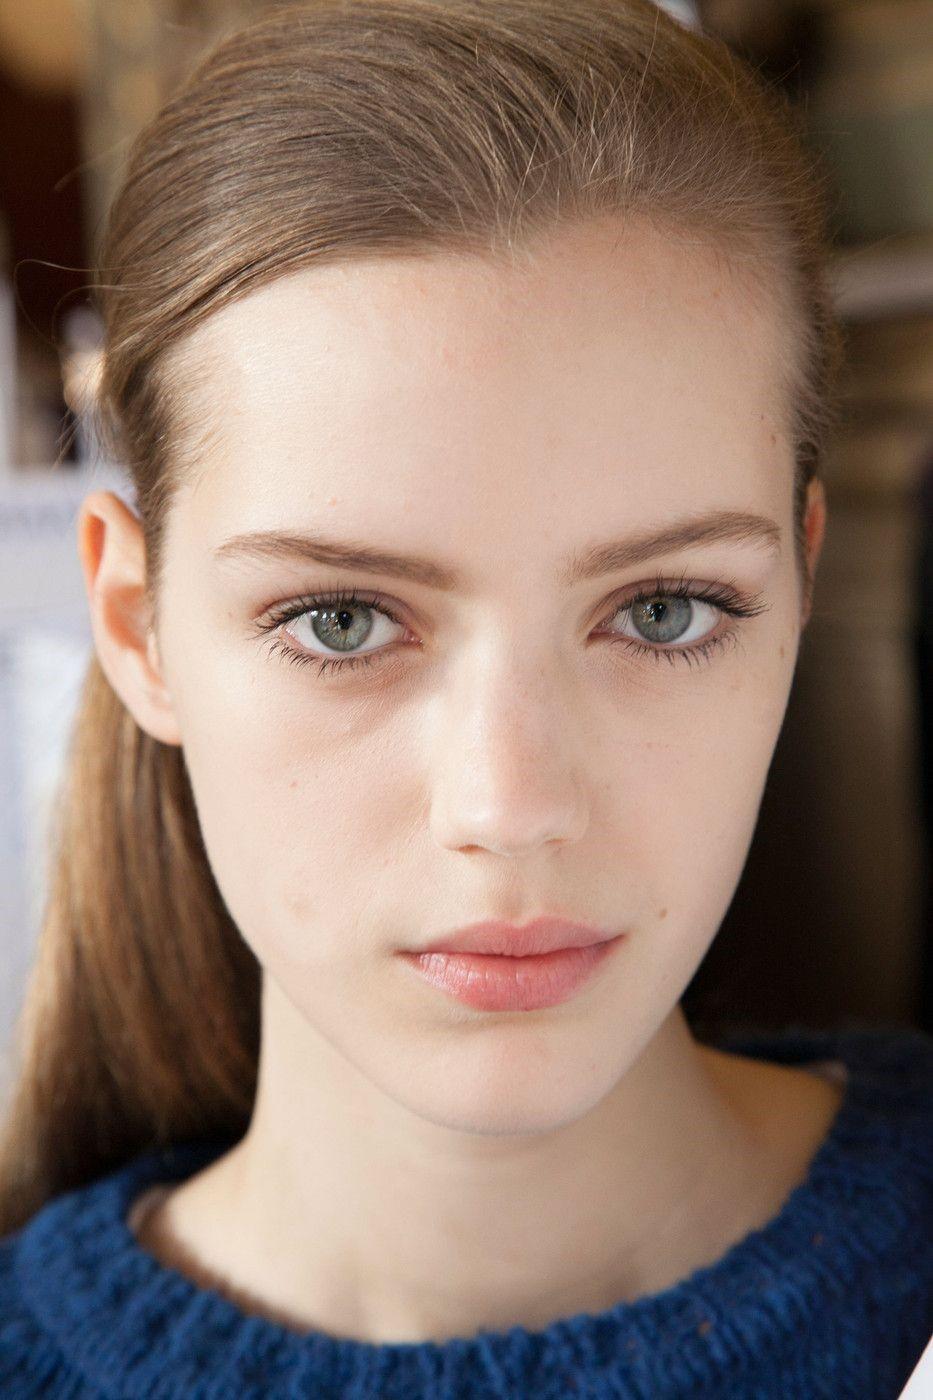 Какие 9 факторов о теле не должны вызывать у женщины чувство стеснения